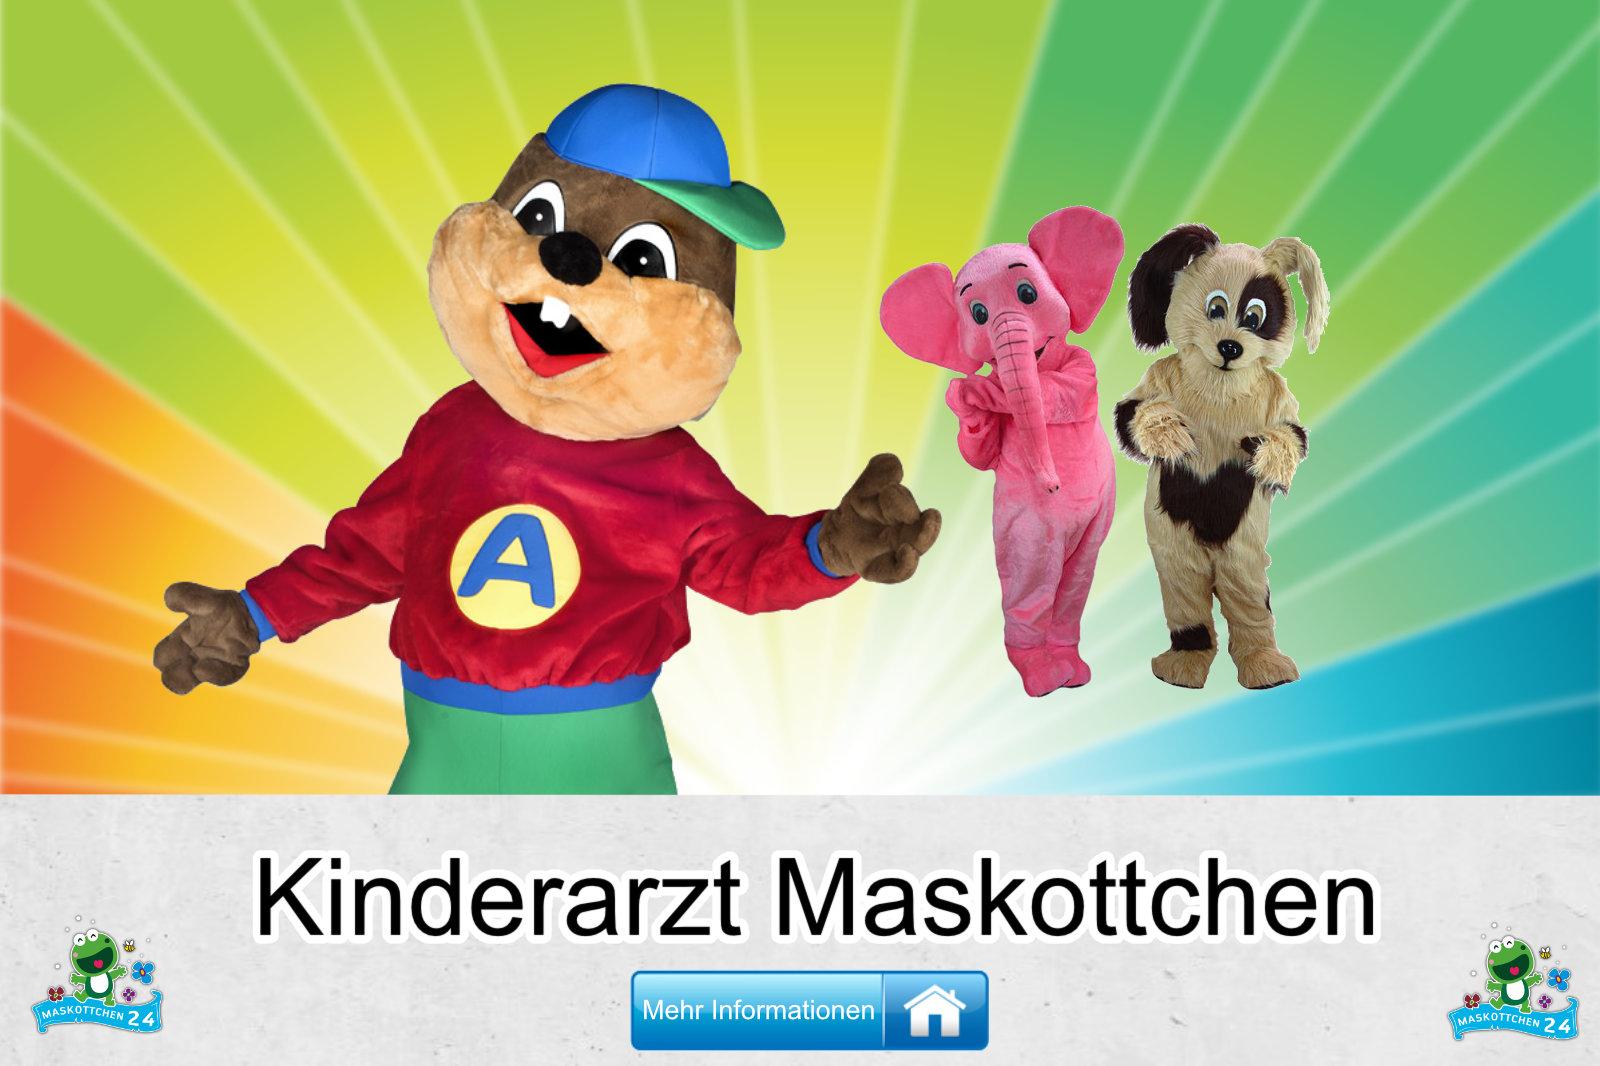 Kinderarzt Kostüme Maskottchen Herstellung Firma günstig kaufen